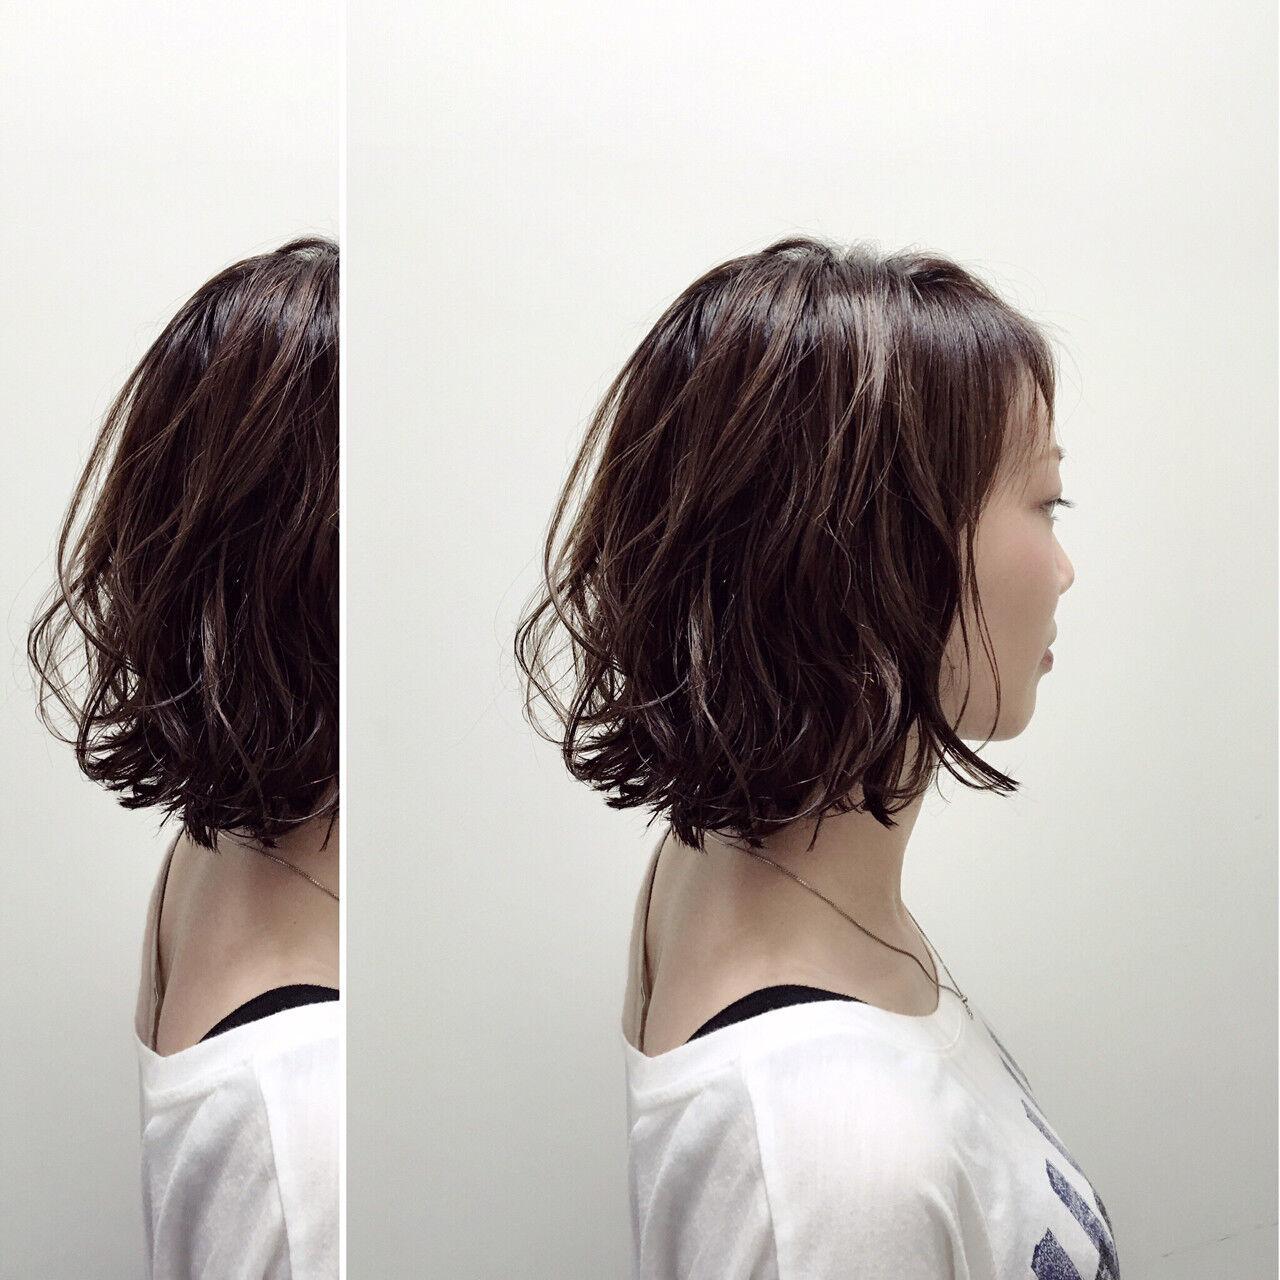 ストリート ウェットヘア 外国人風 ボブヘアスタイルや髪型の写真・画像